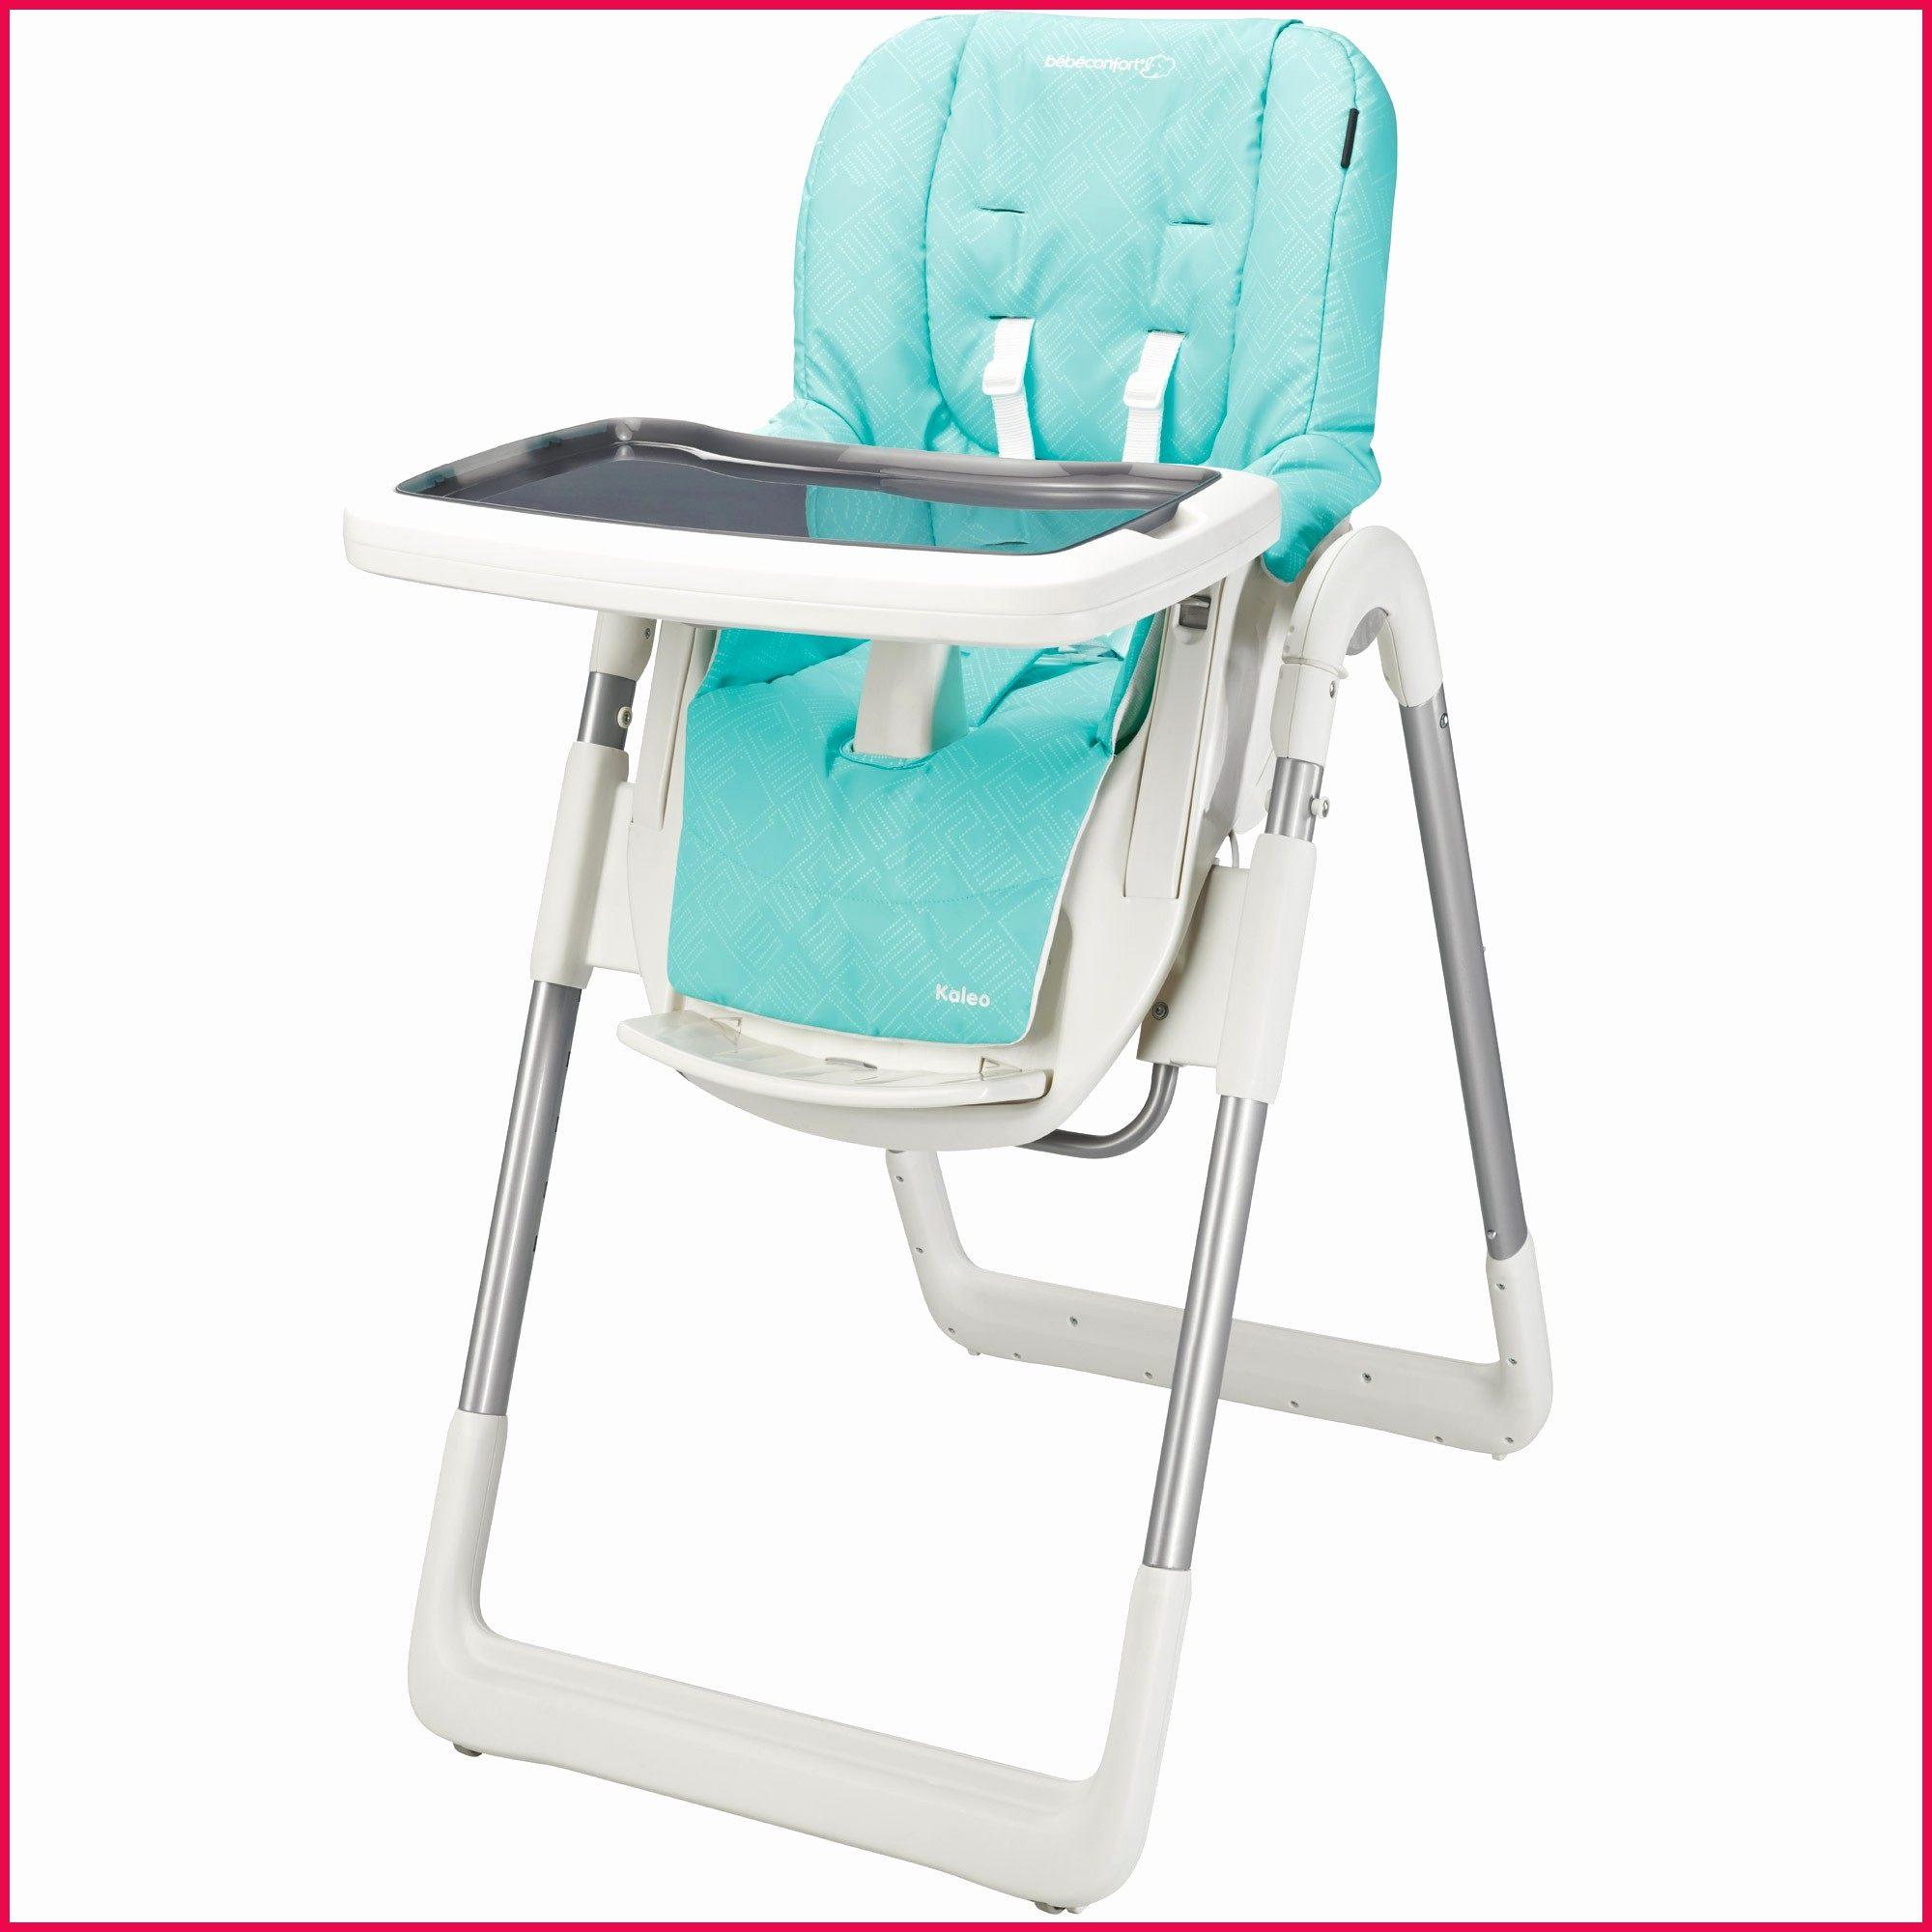 Lit Bébé Confort Charmant Chaise Haute Pliante Bébé Inspirational Chaise Chaise Haute Pliante